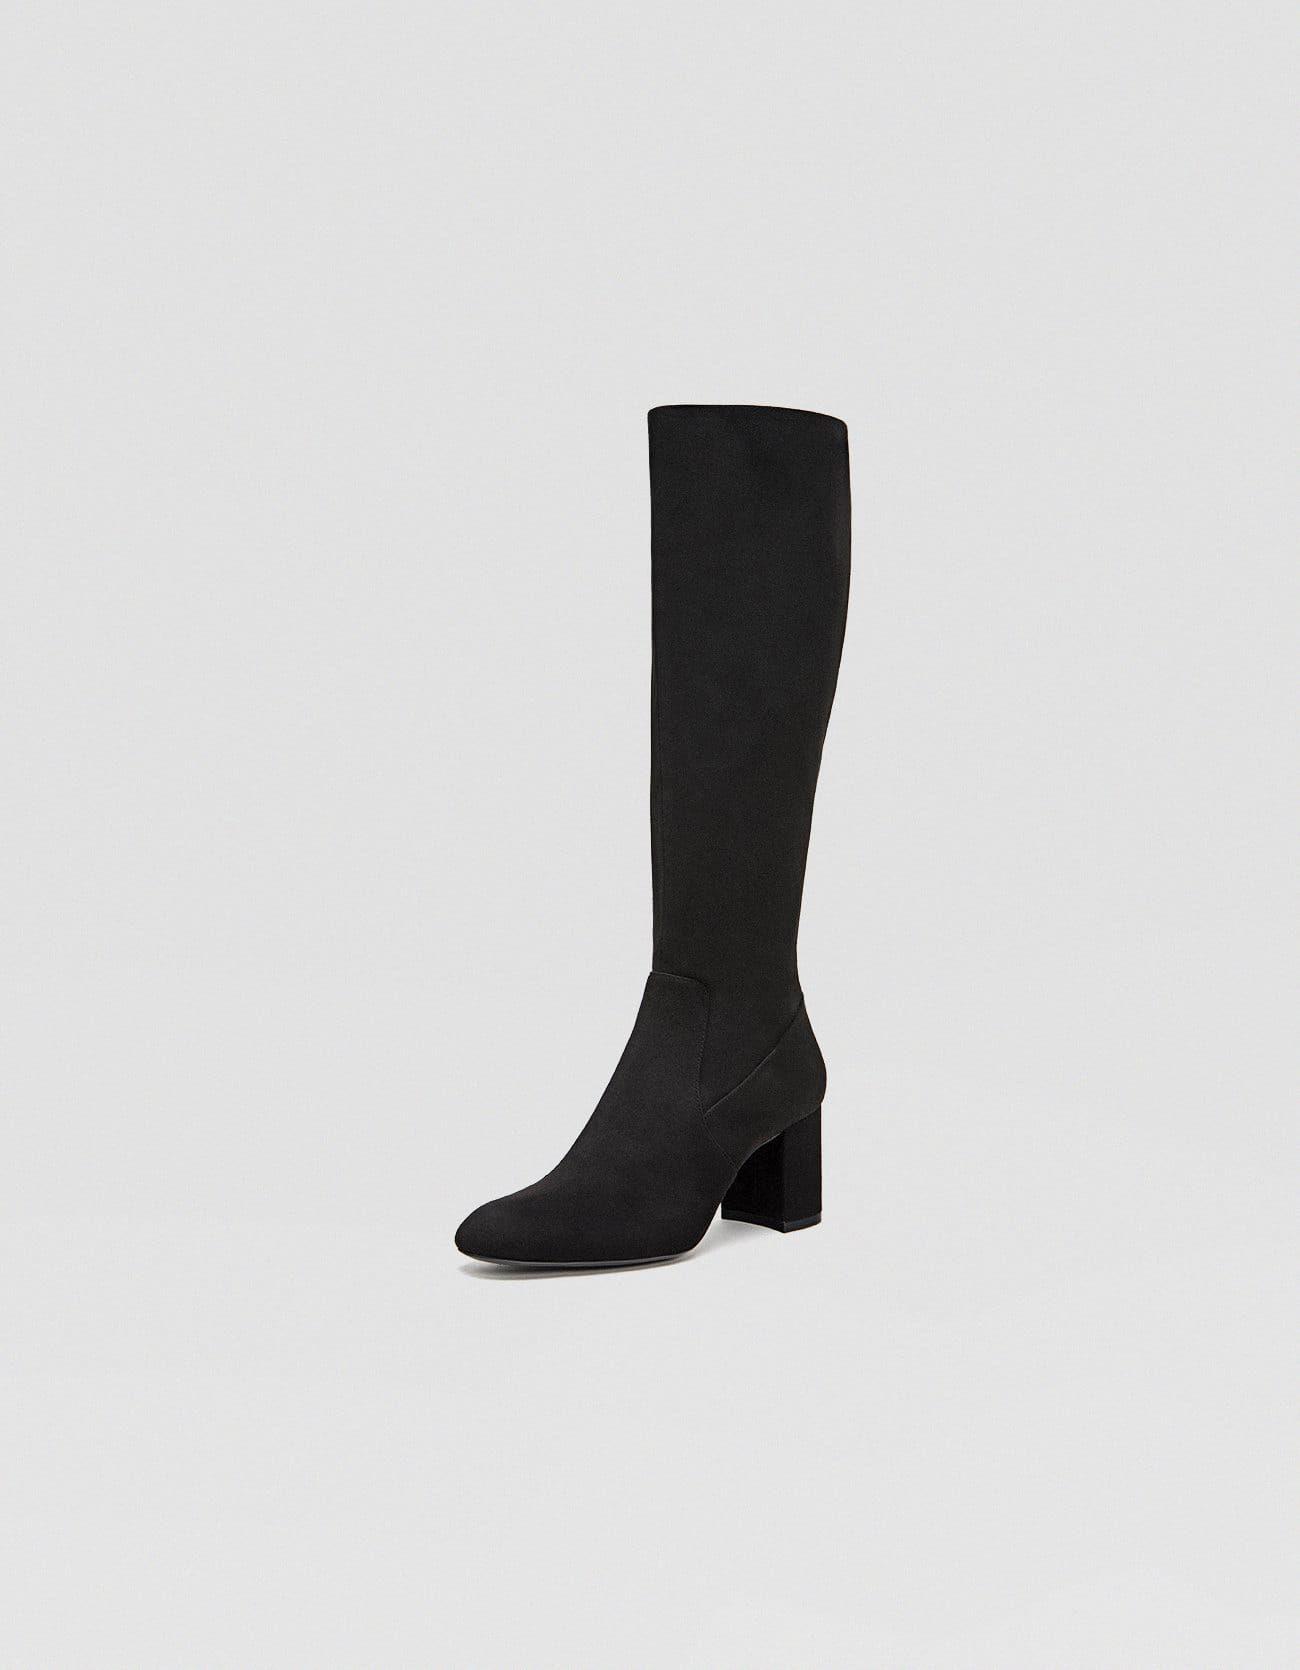 comprare on line aceb3 c9193 Stivali neri con tacco | Stivali, Stivali neri e Stivali con tacco